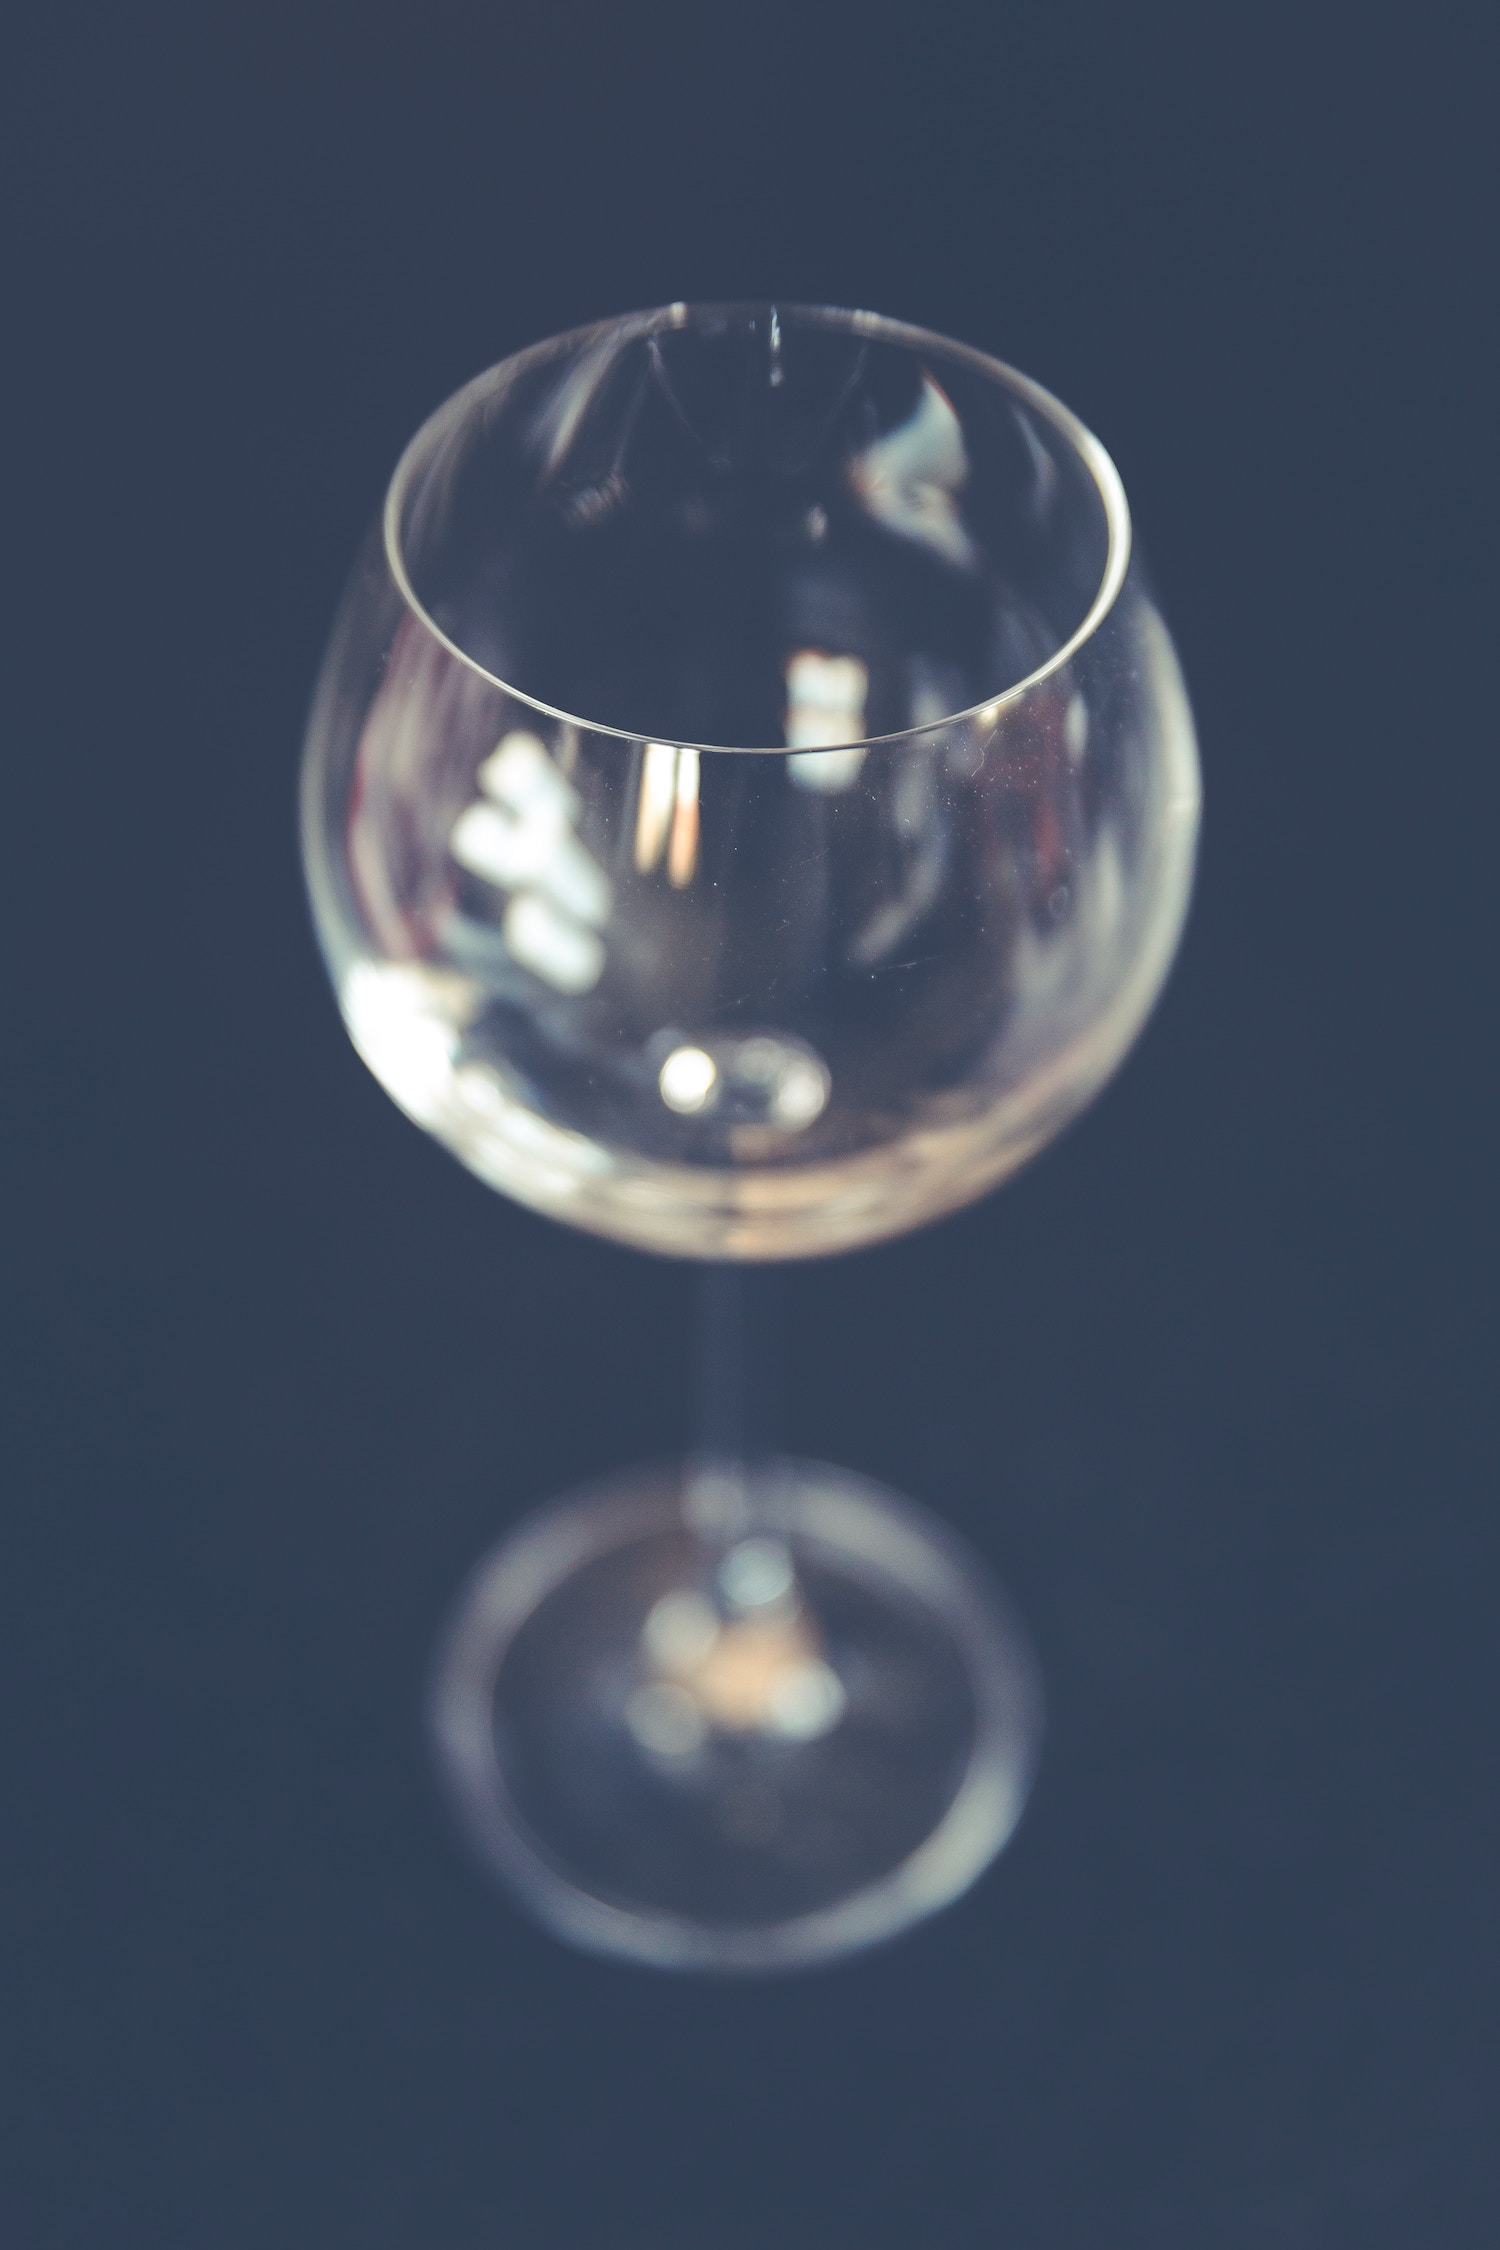 taste wine, how to taste wine, wine tasting, wine glass, The Press